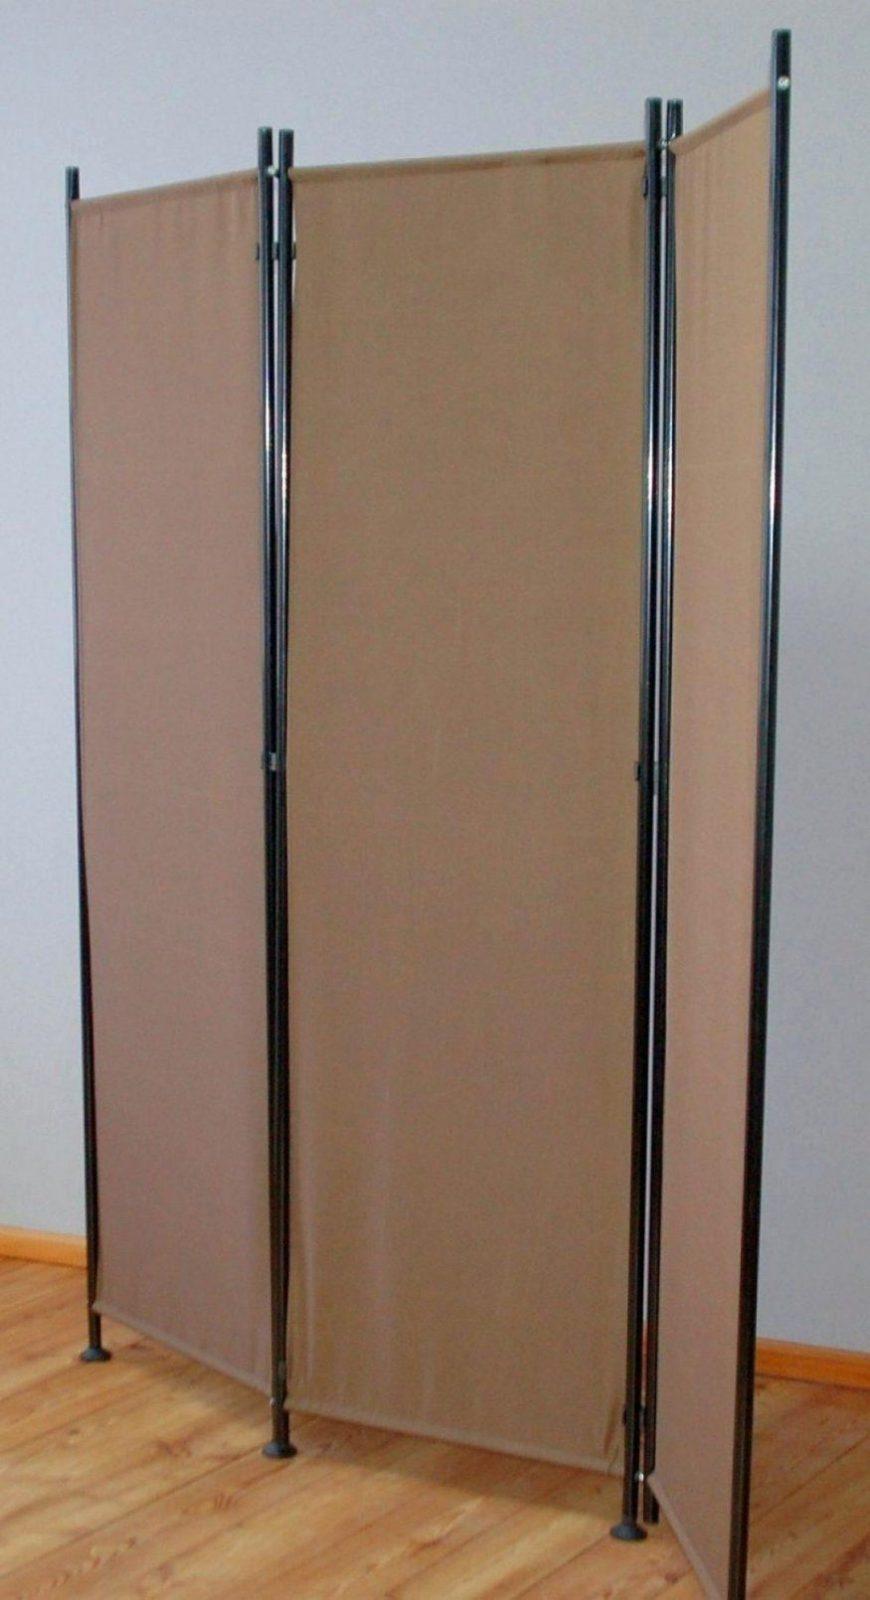 Paravent Selber Bauen Stoff Trendy Japanische Raumteiler Selber Von